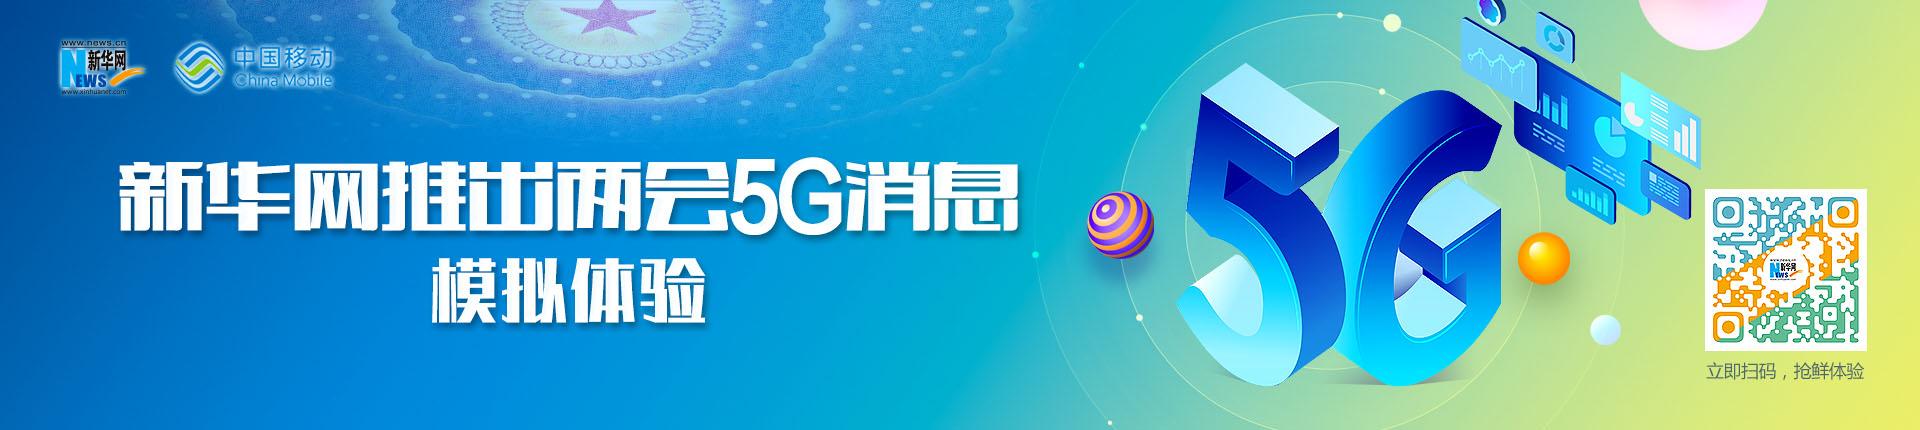 新華網推出全國兩會5G消息模擬體驗産品帶你全新視角看兩會